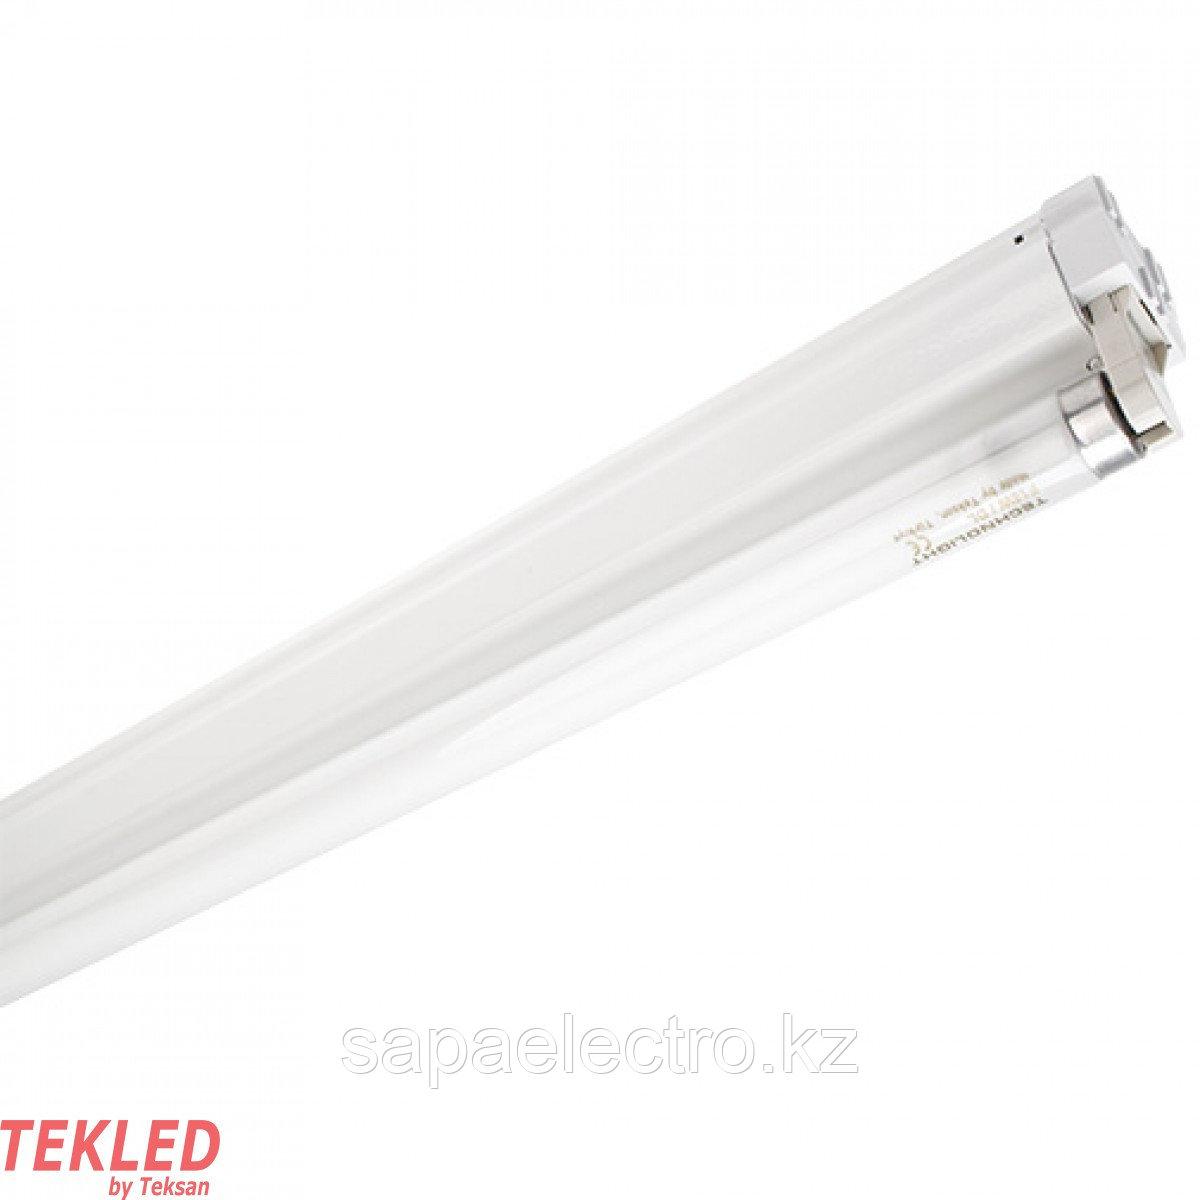 Св-к LEDTUBE TMS 1х58W (1.50см) (без лампы) MEGALUX